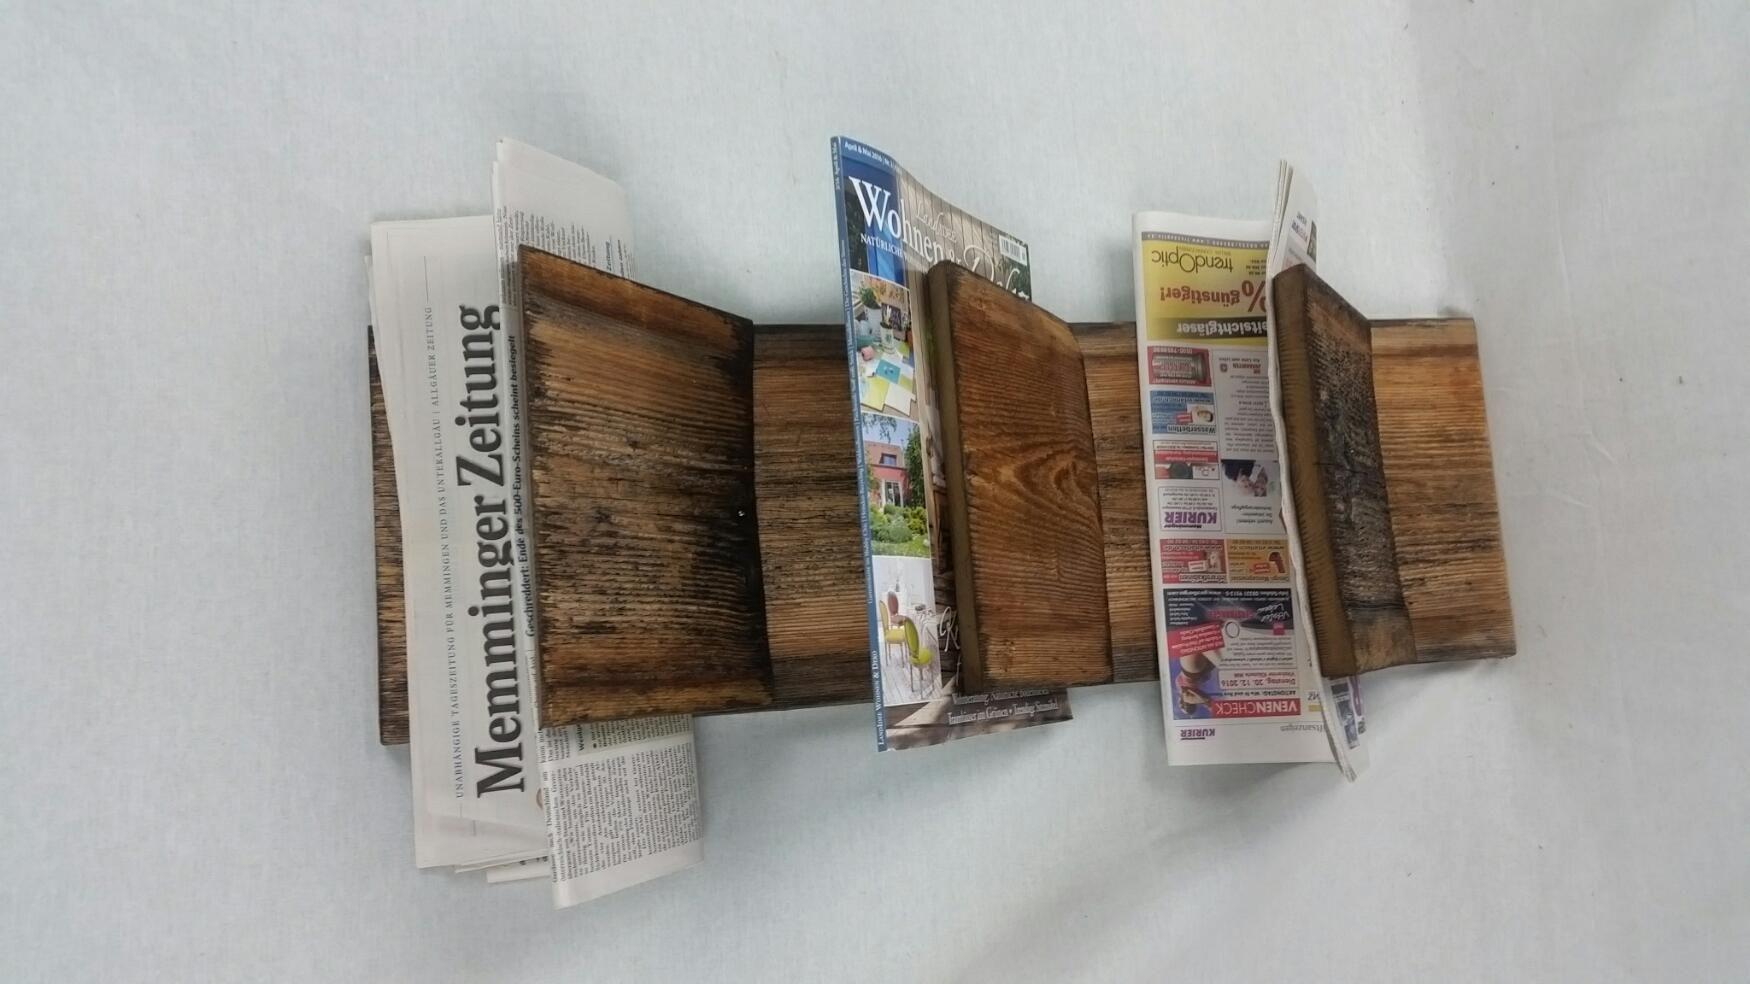 Zeitungshalter aus #Altholz f?r die Wand. Mal etwas anderes ...